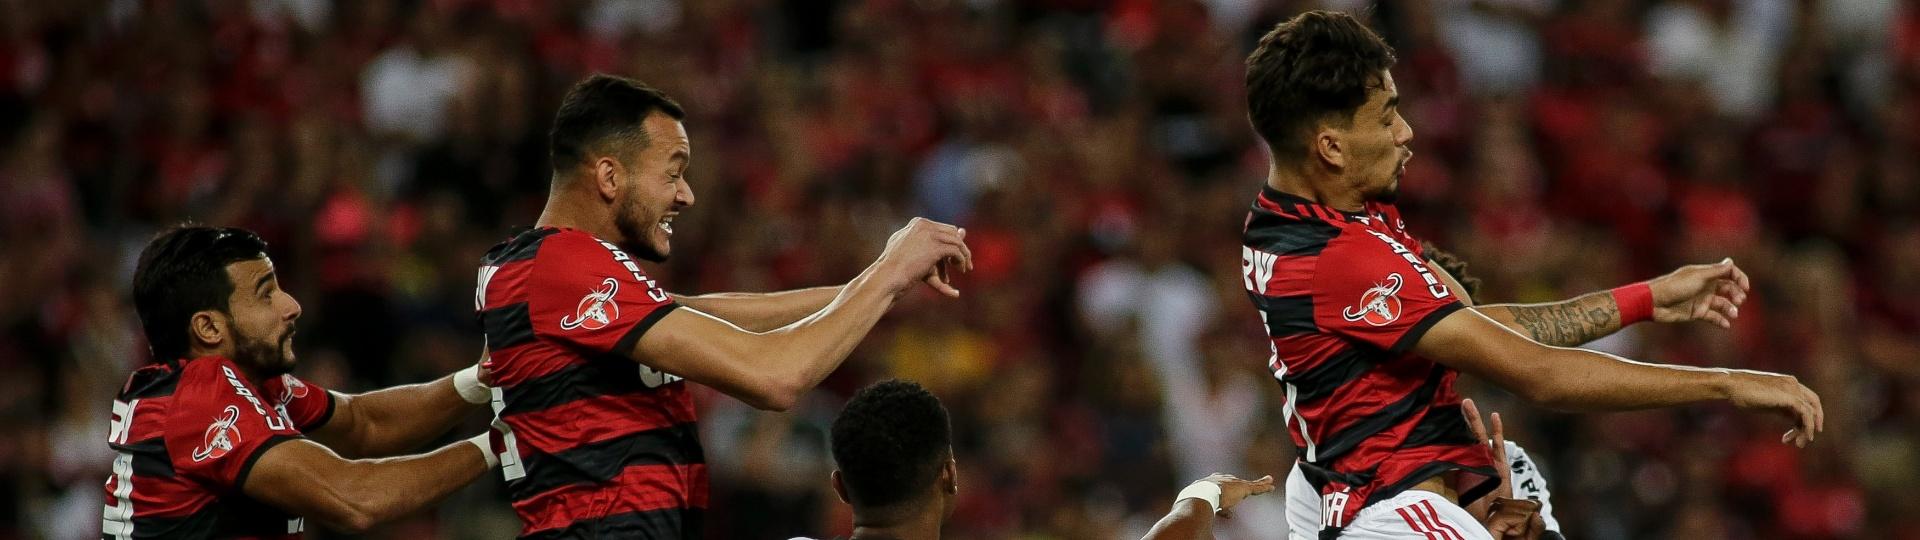 Lance da partida entre Flamengo e Ponte Preta, pela Copa do Brasil